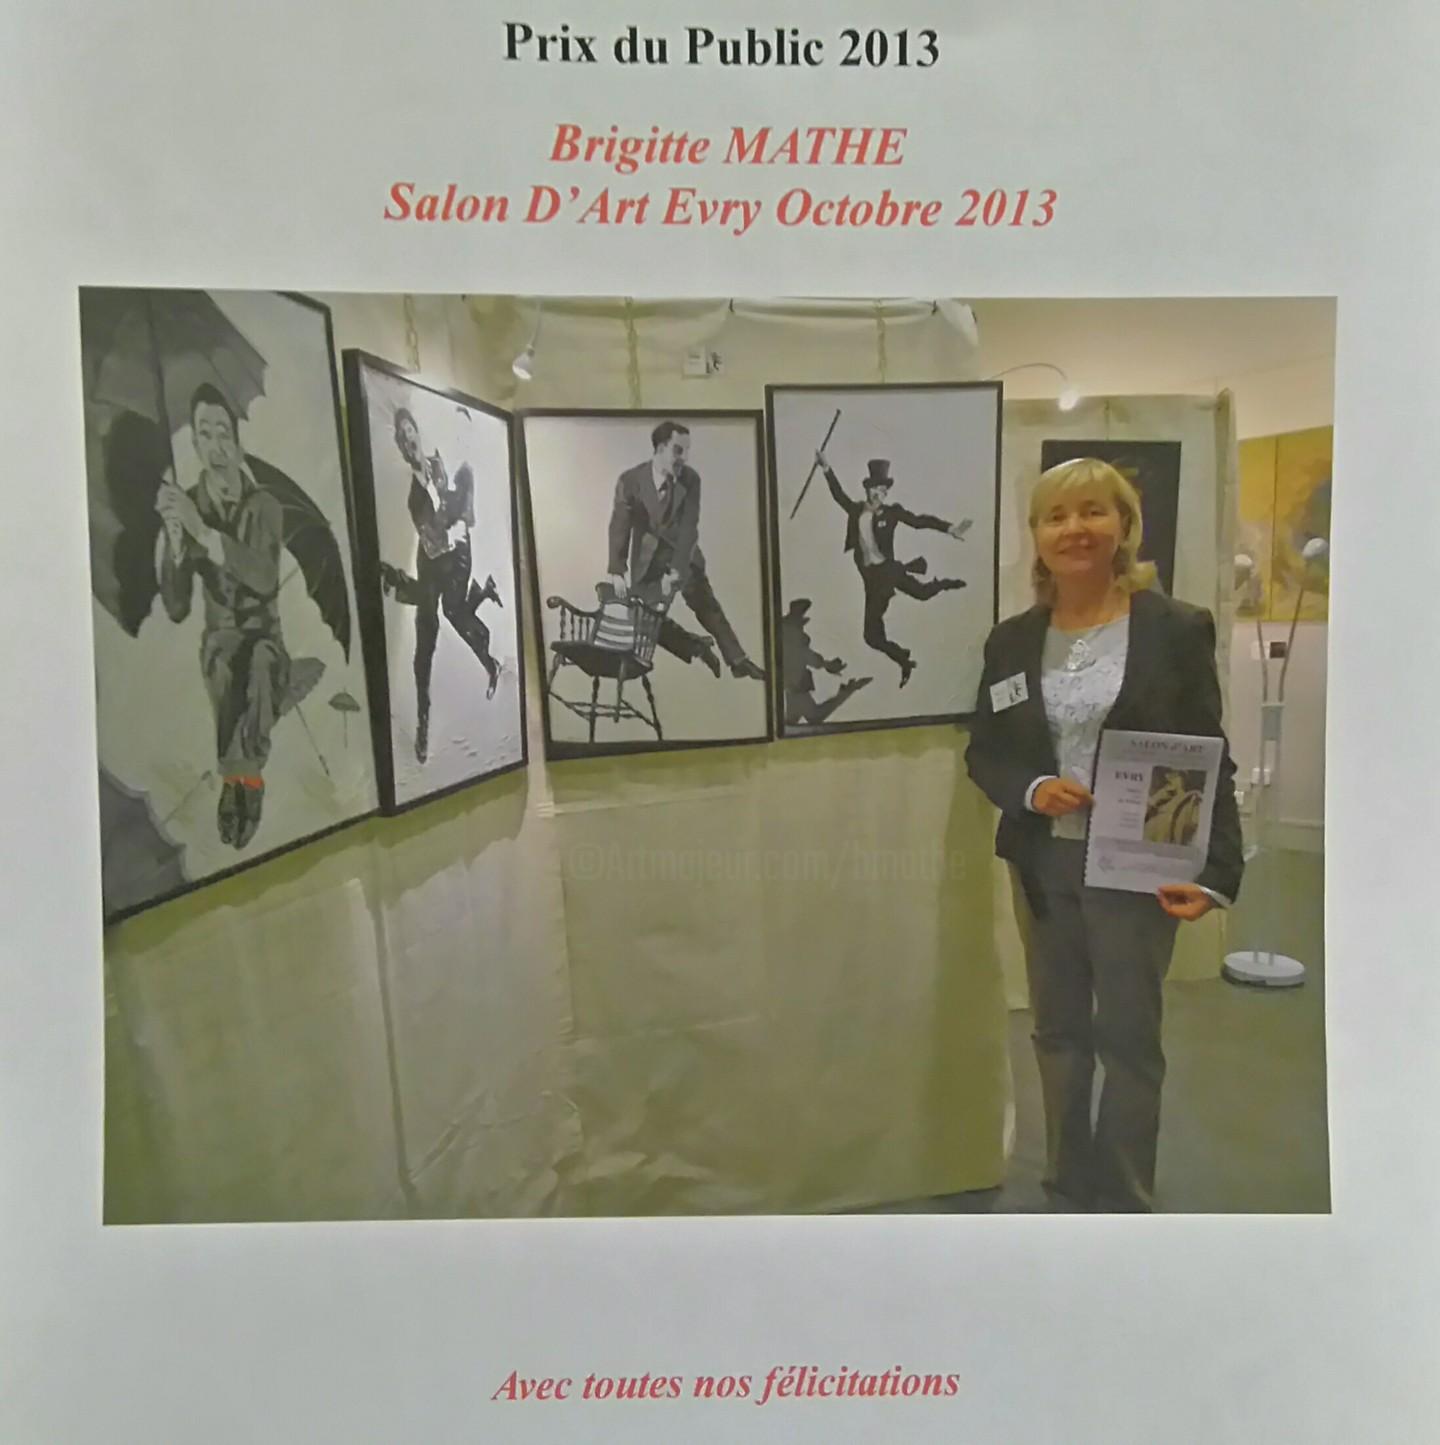 Brigitte Mathé (MBL) - Prix du Public Peinture